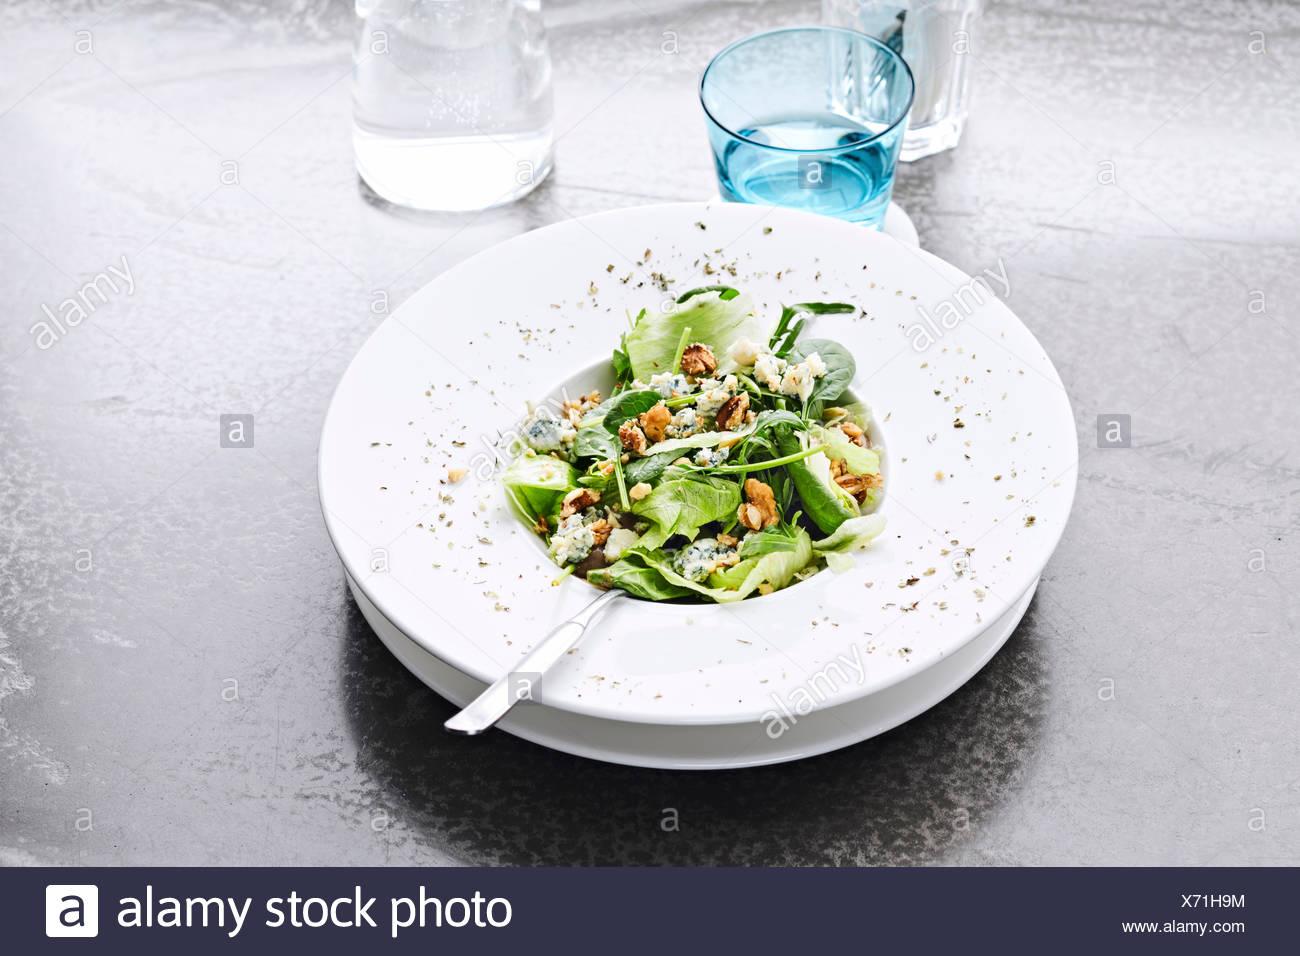 Eine horizontale Aufnahme von grüner Salat mit Spinat und Blauschimmelkäse Stockbild